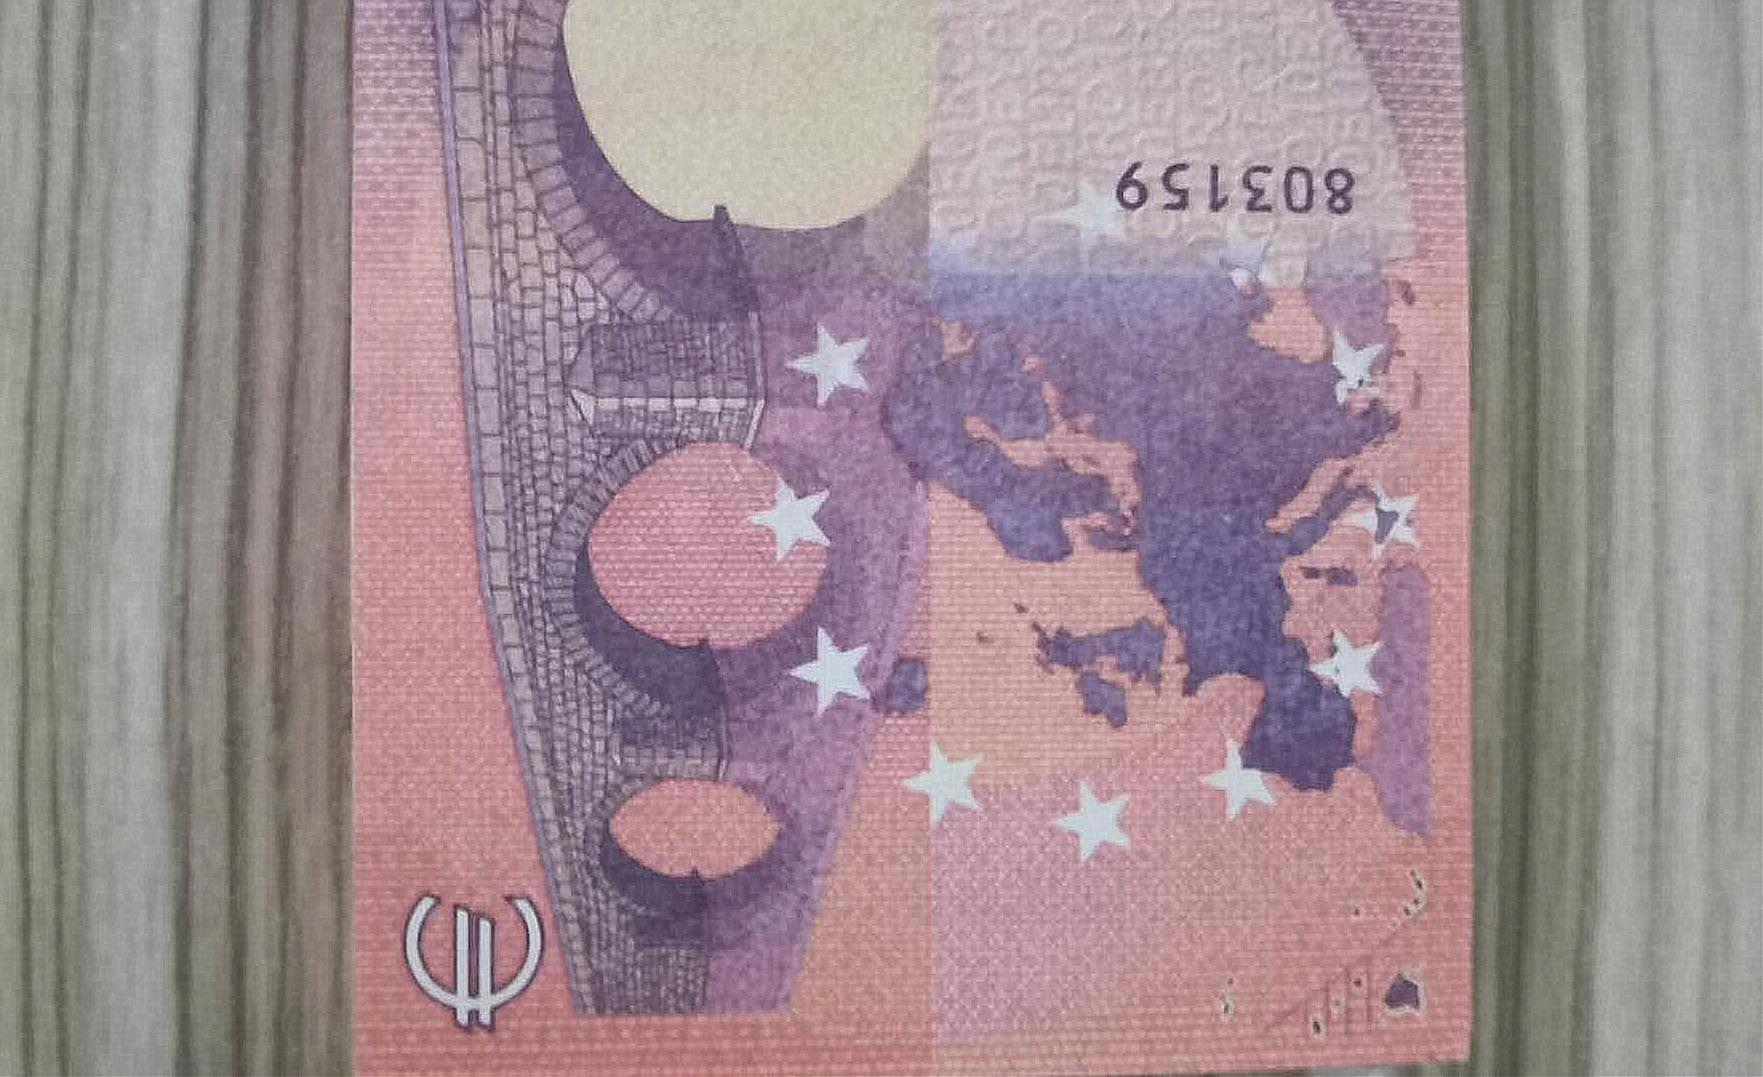 Трансграничная горячая продажа Simulate Европа 10 евро поддельной банкноты игрушка кино и телевидение съемки реквизит реквизит практикующего банкноты игра Tok